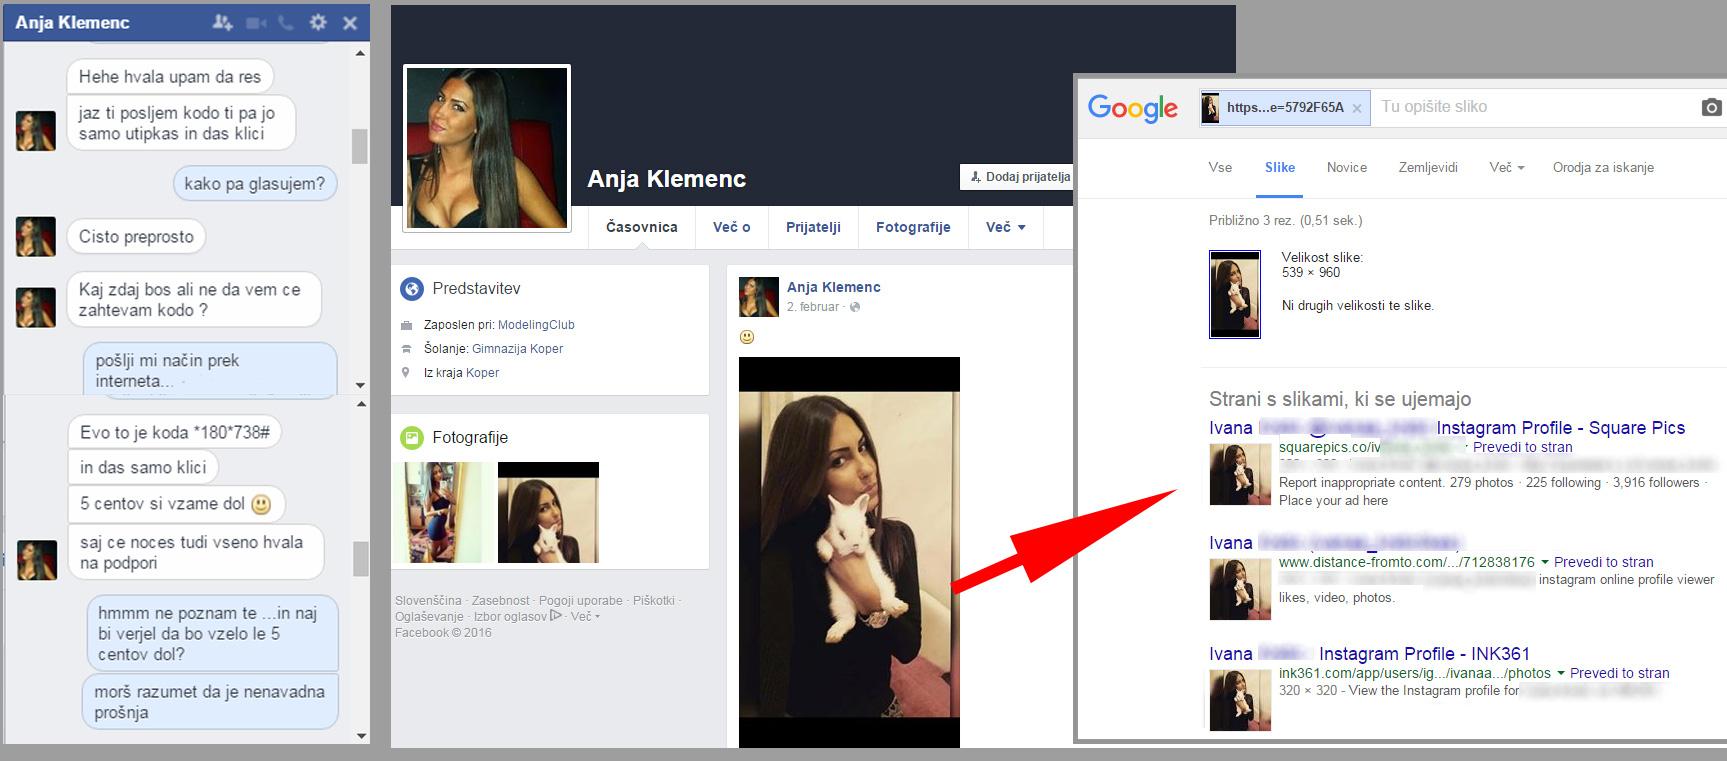 Lažni profil z ukradeno sliko, ki jo lahko na spletu pod resničnim imenom poiščete čisto enostavno: desni klik na odprto fotografijo in izberete 'Išči sliko tu: Google'